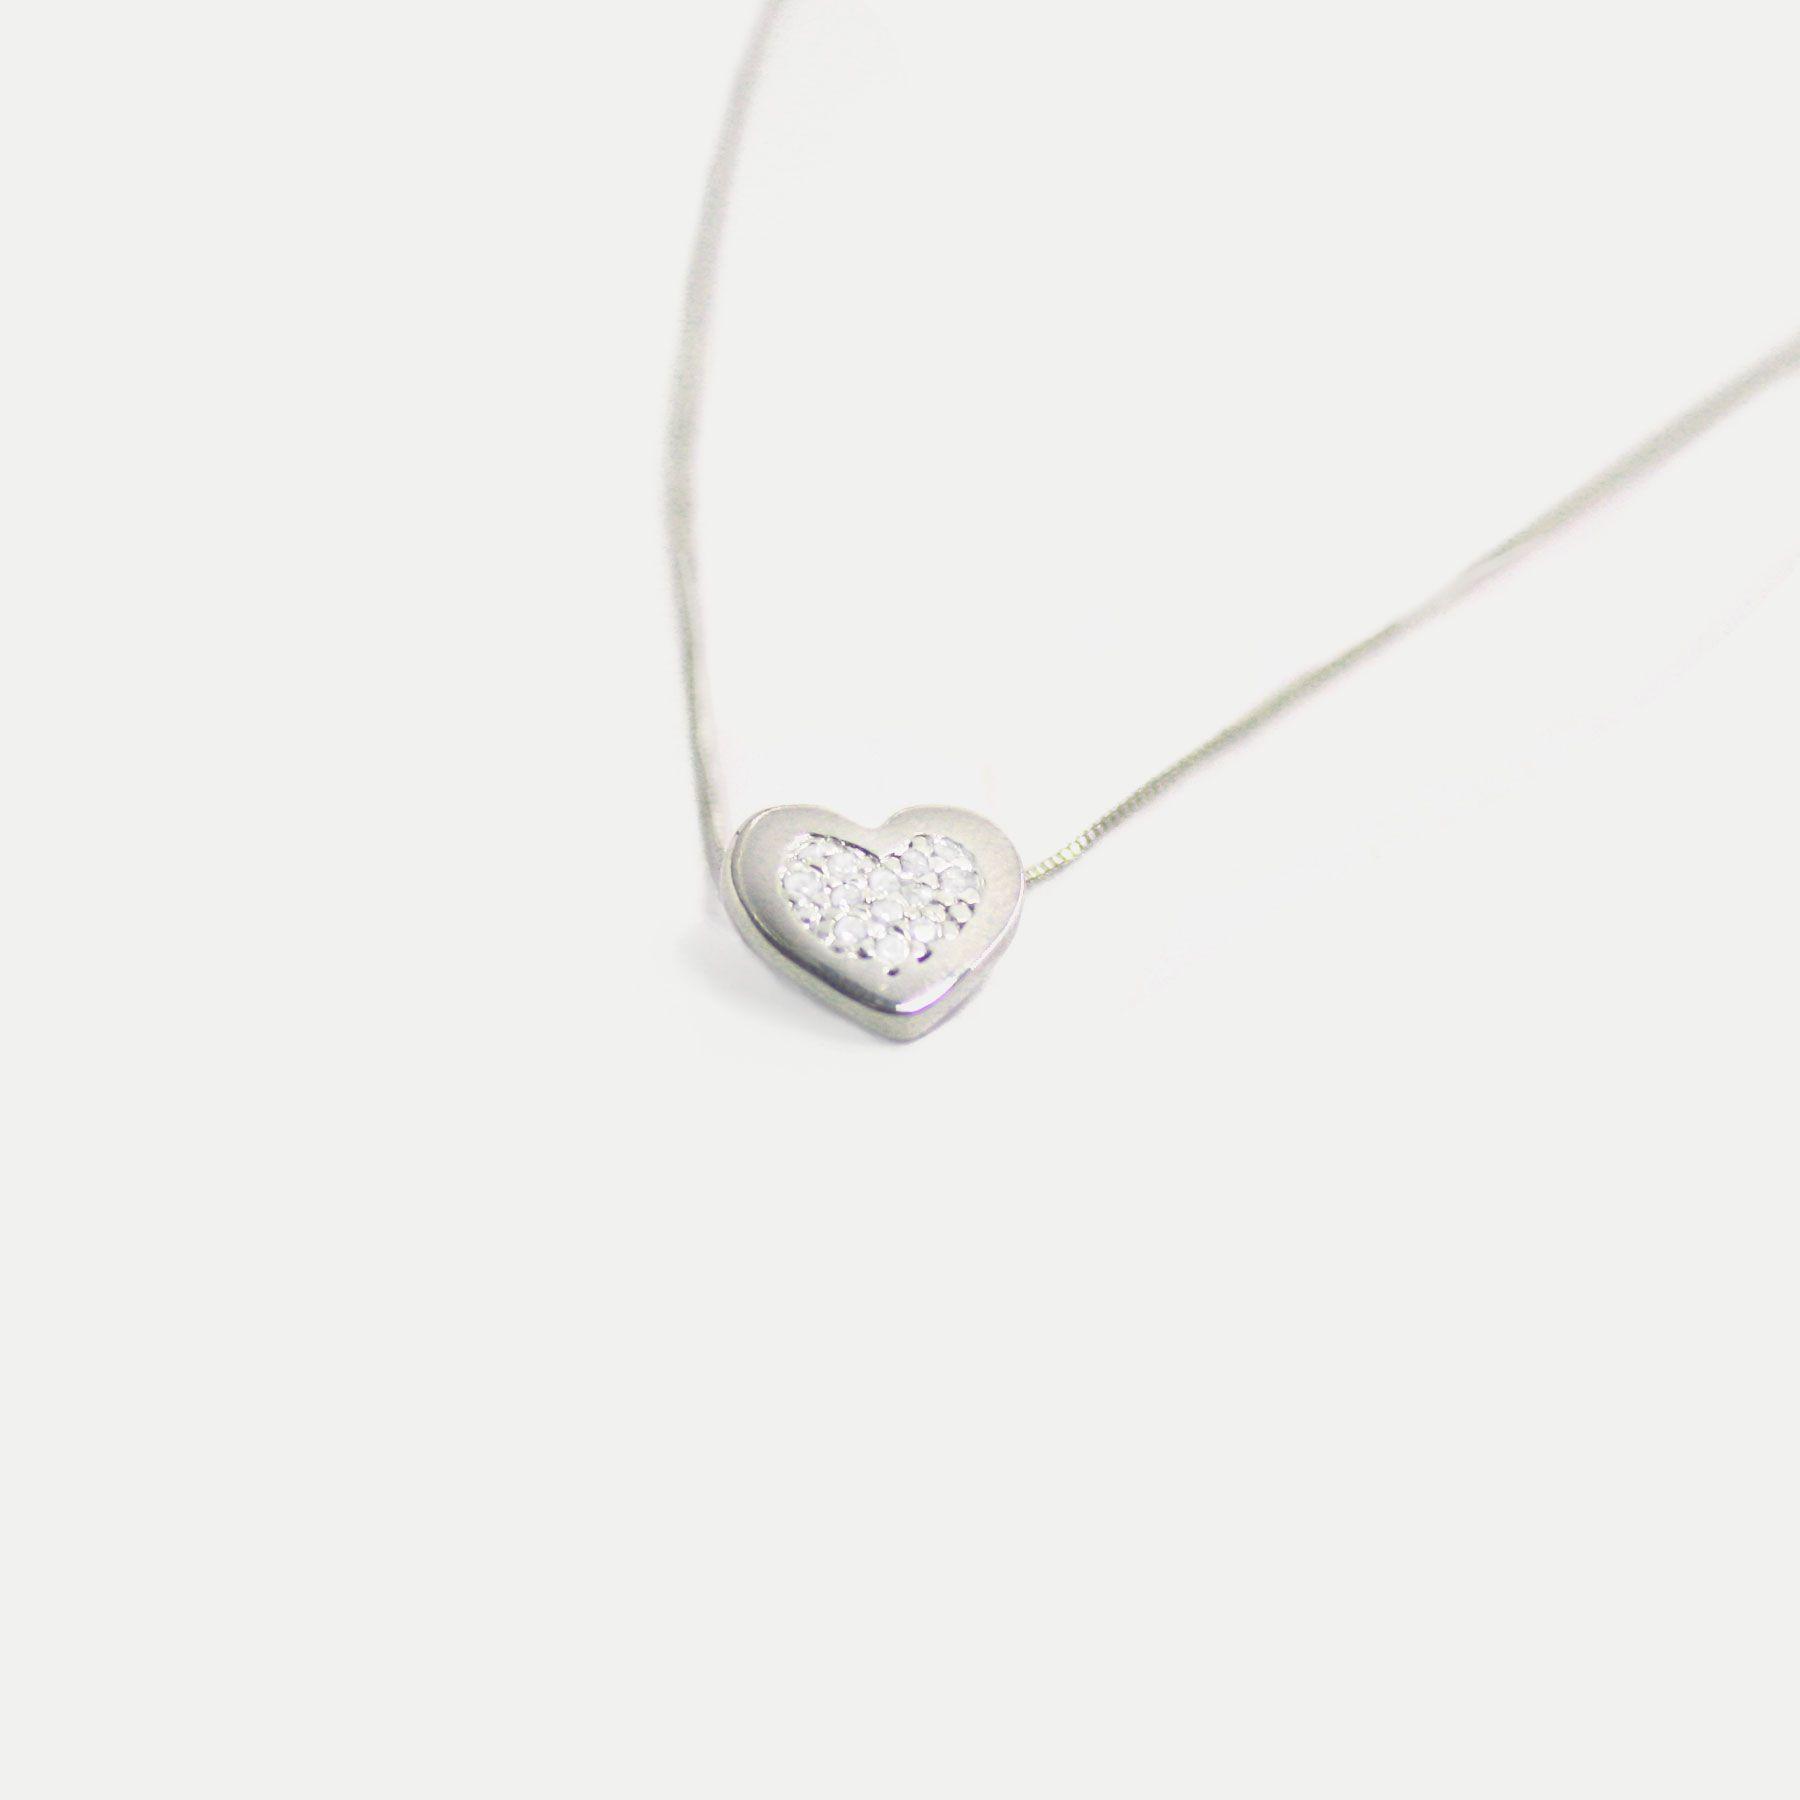 Colar Coraçãozinho Cravejado em Zircônias Banhado em Ródio Branco